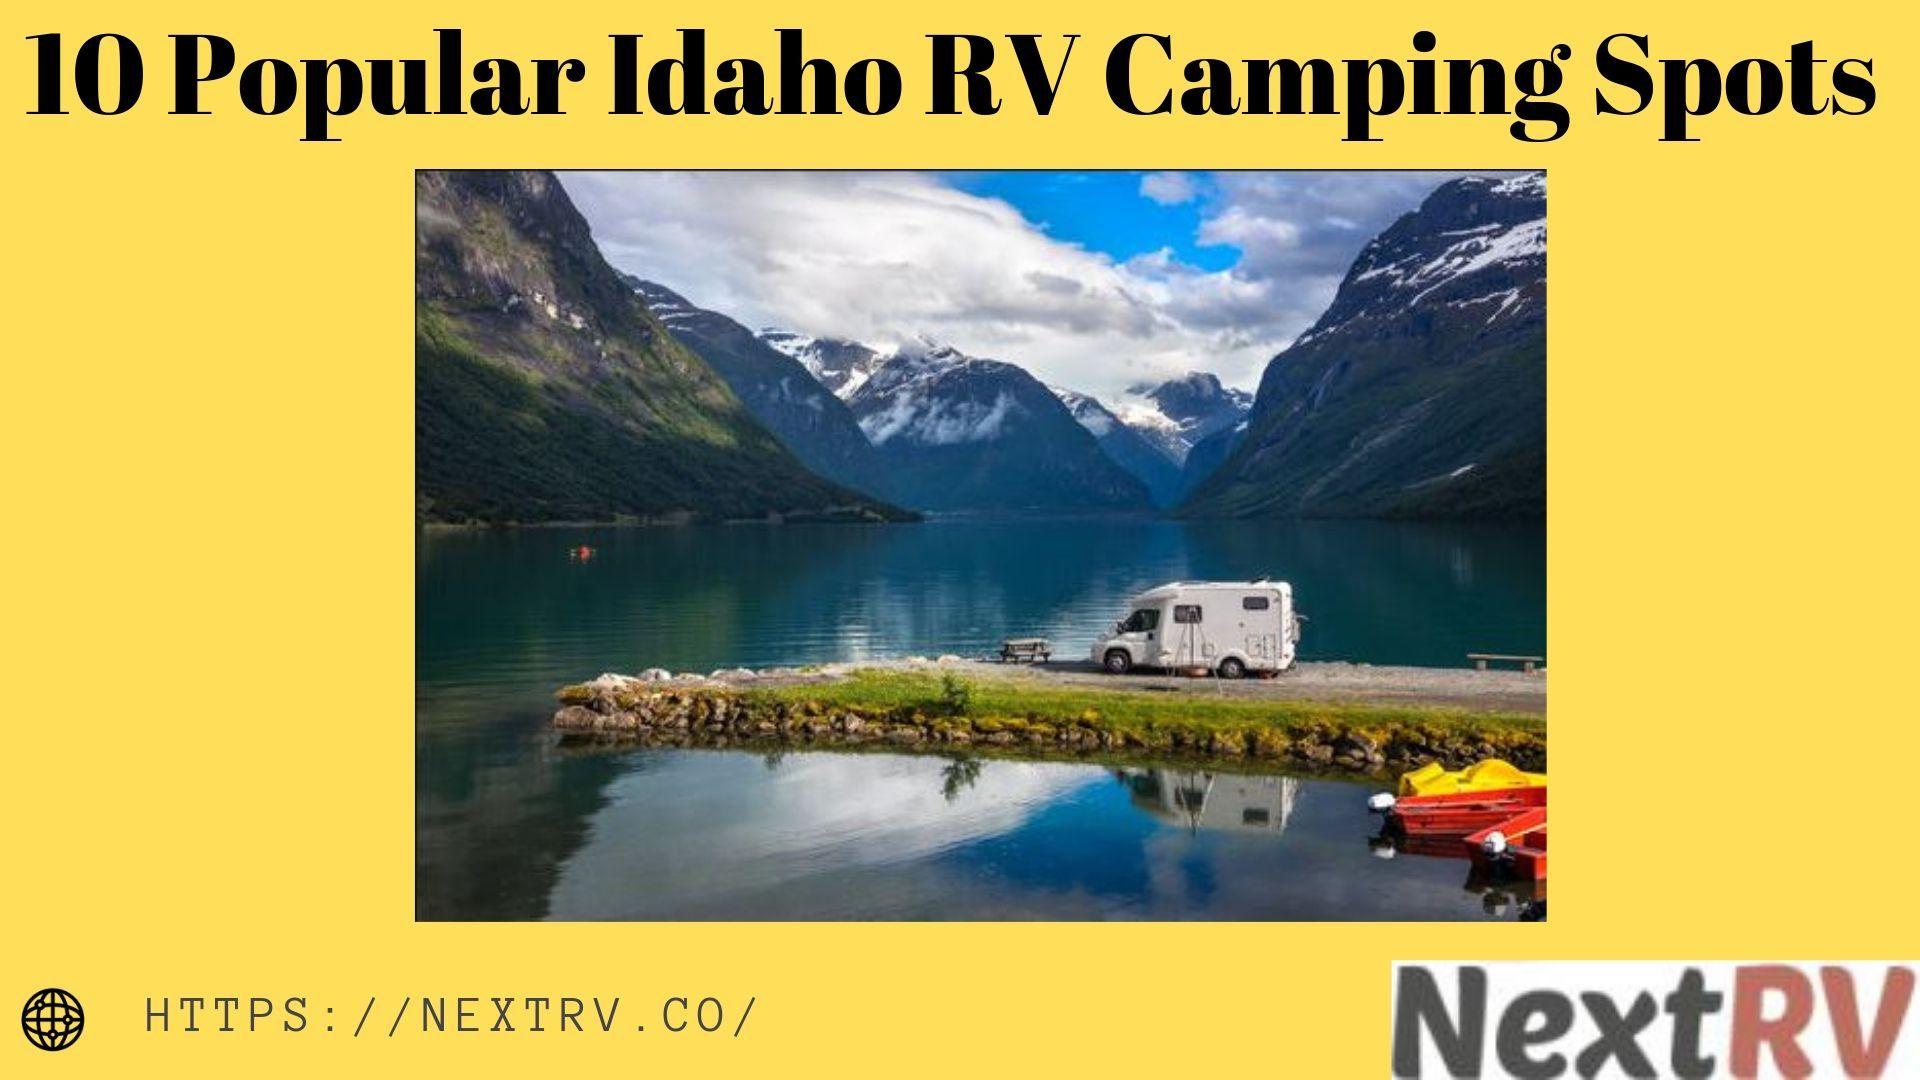 10 popular idaho rv camping spots camping spots rv